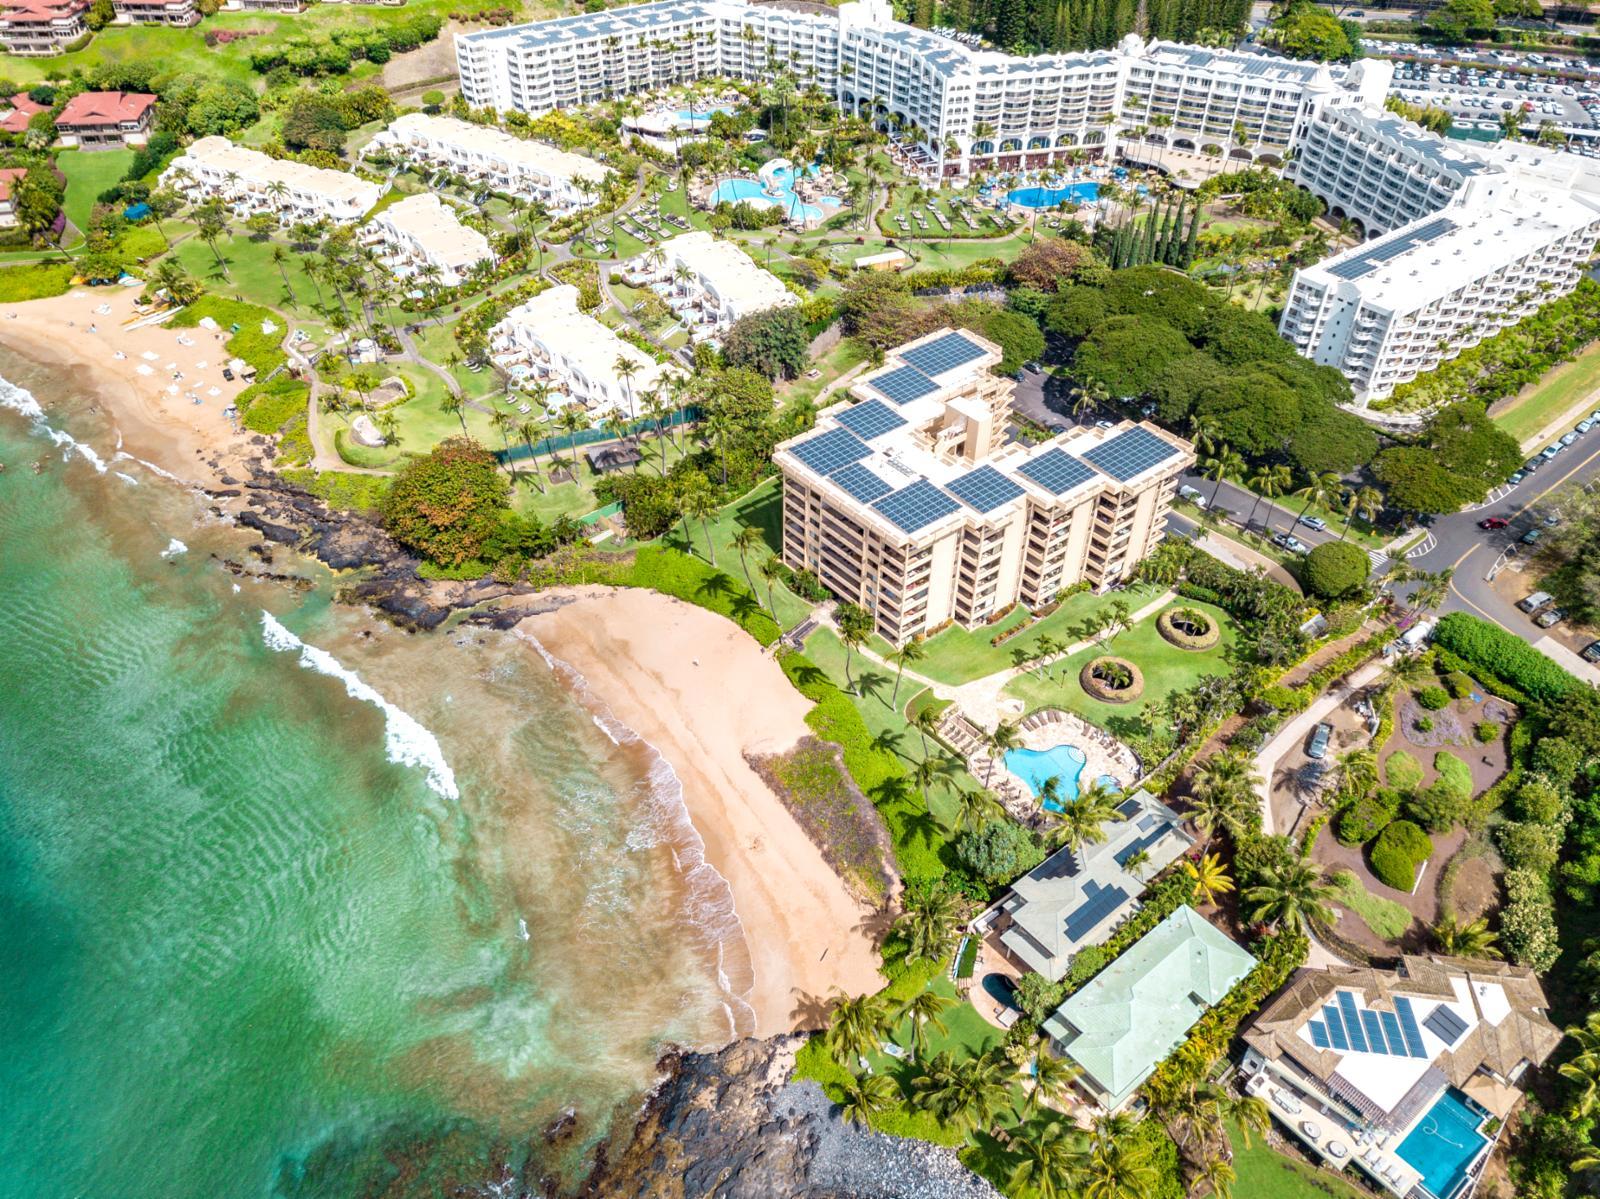 Kbm Hawaii Polo Beach Club Pol 109